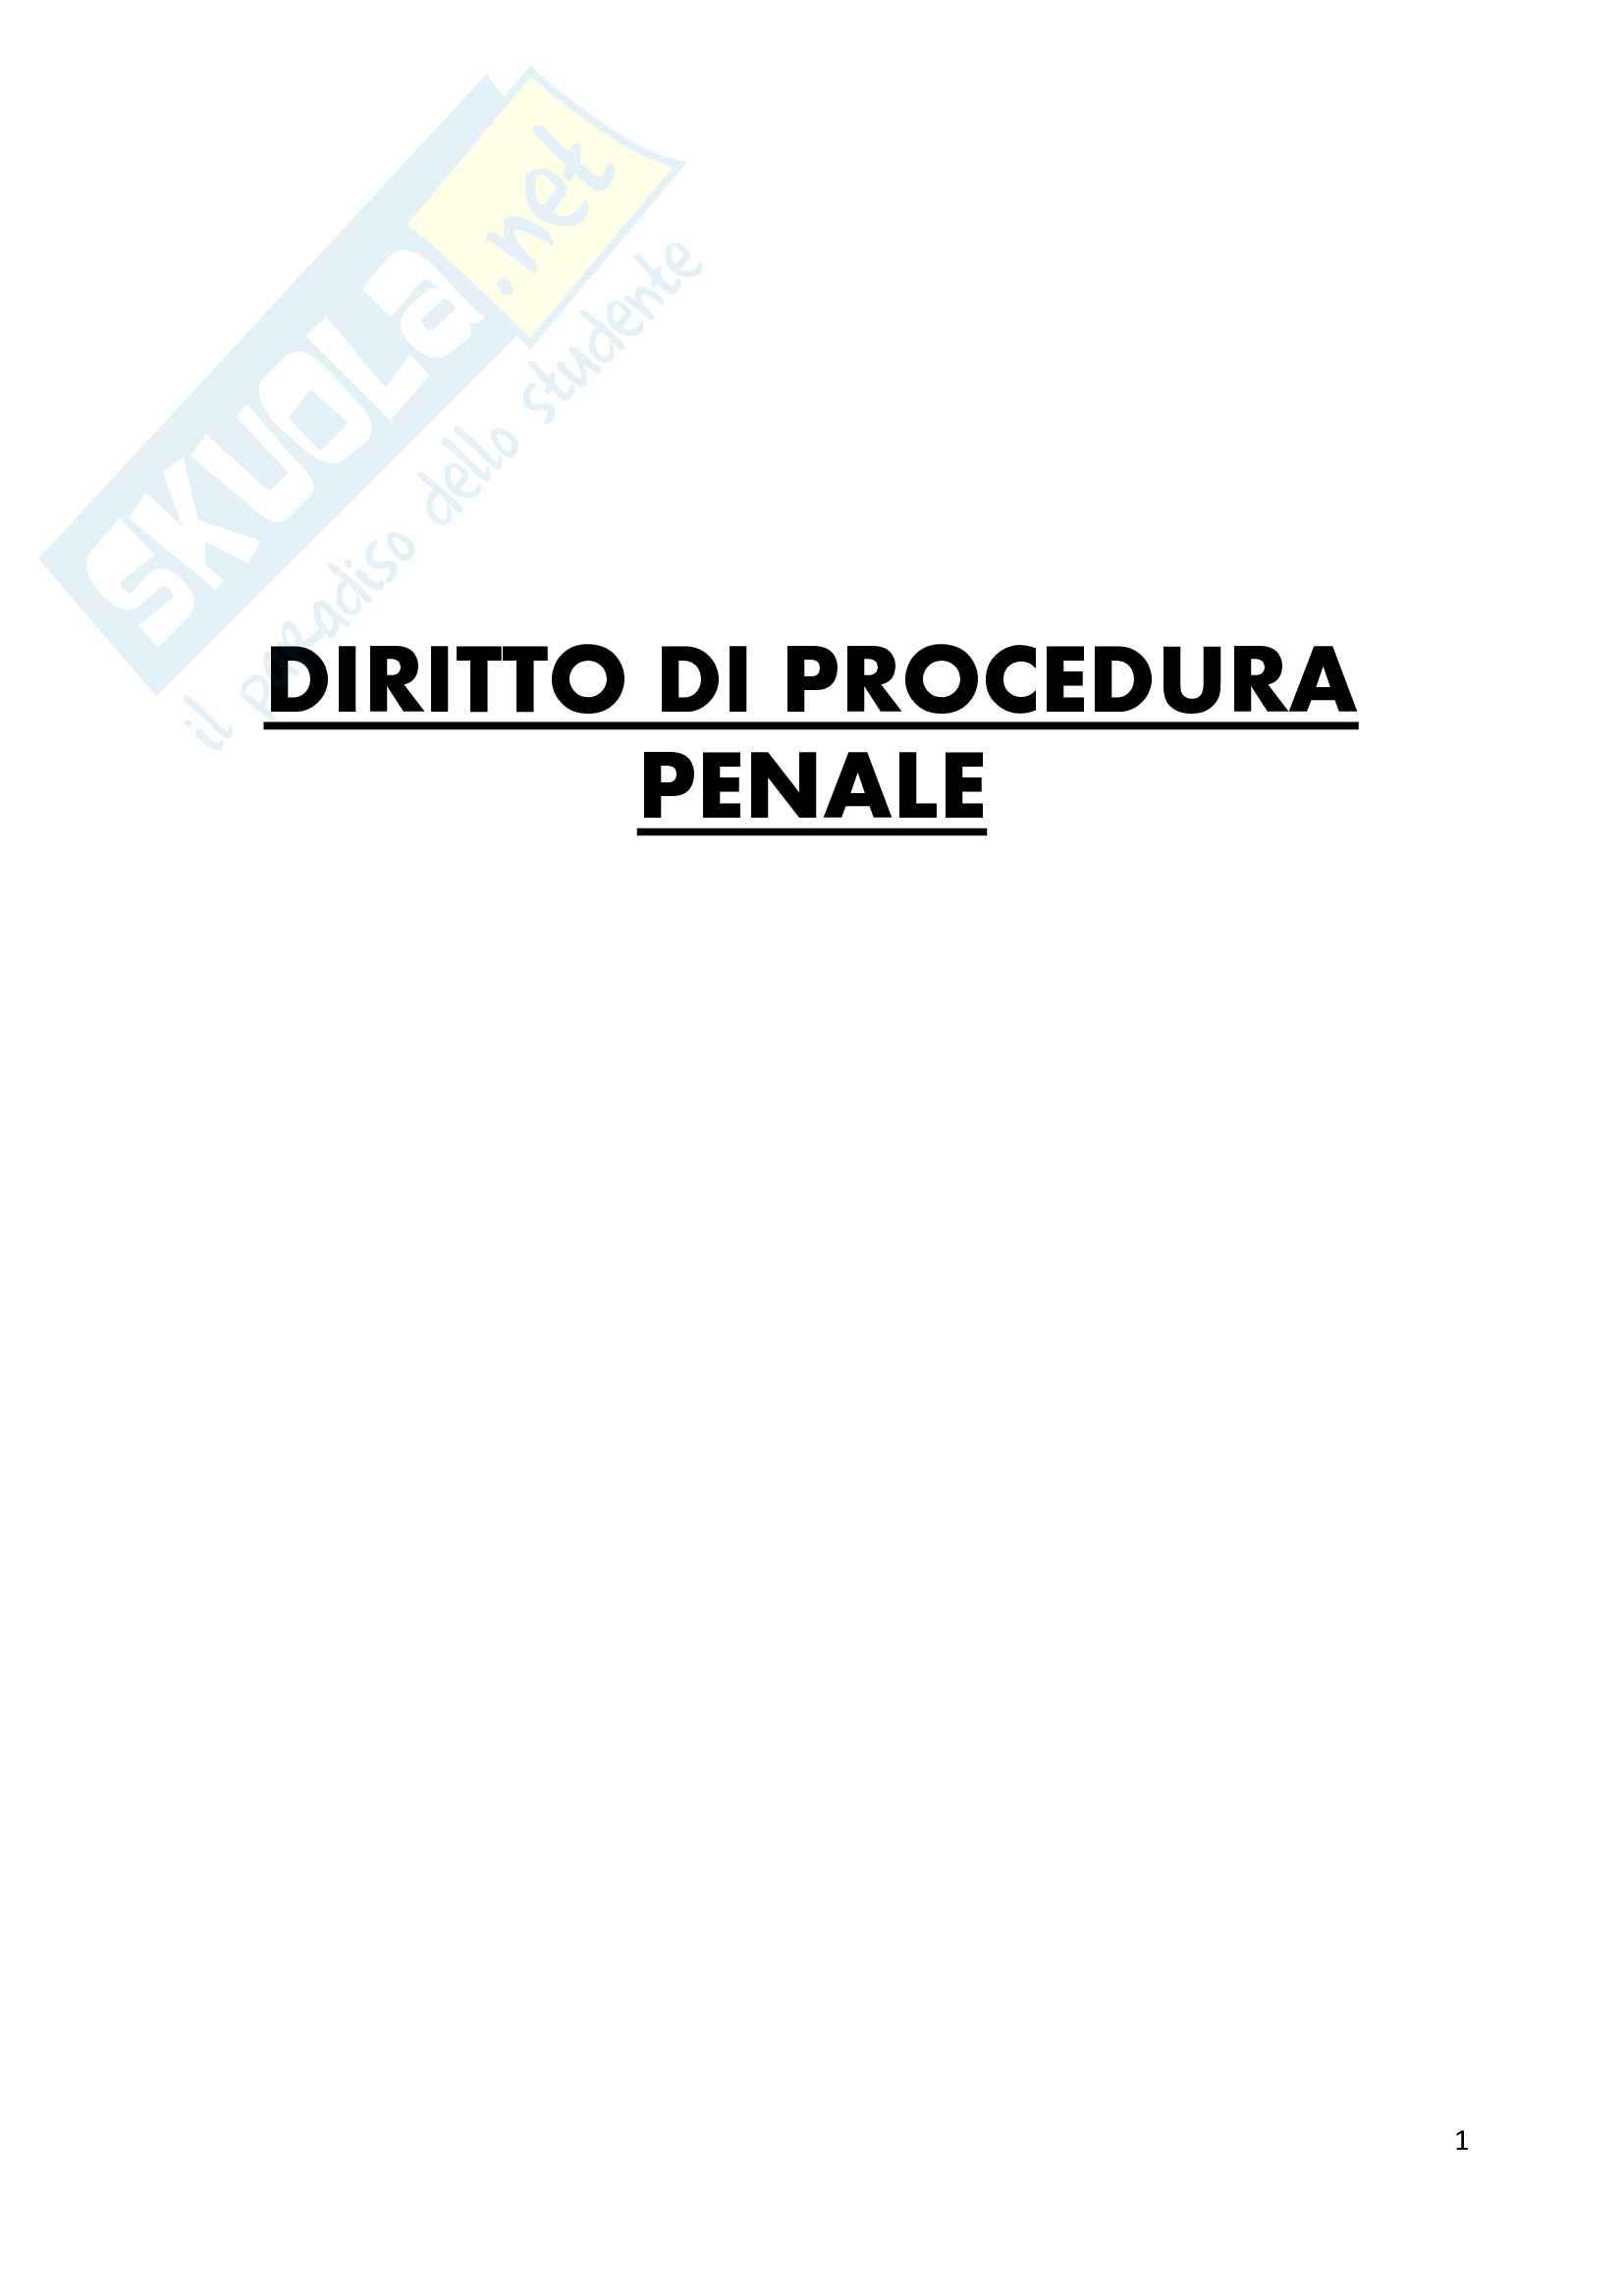 Riassunto esame diritto di procedura penale, prof. Deganello, libro consigliato Scaparone, vol 1 e 2